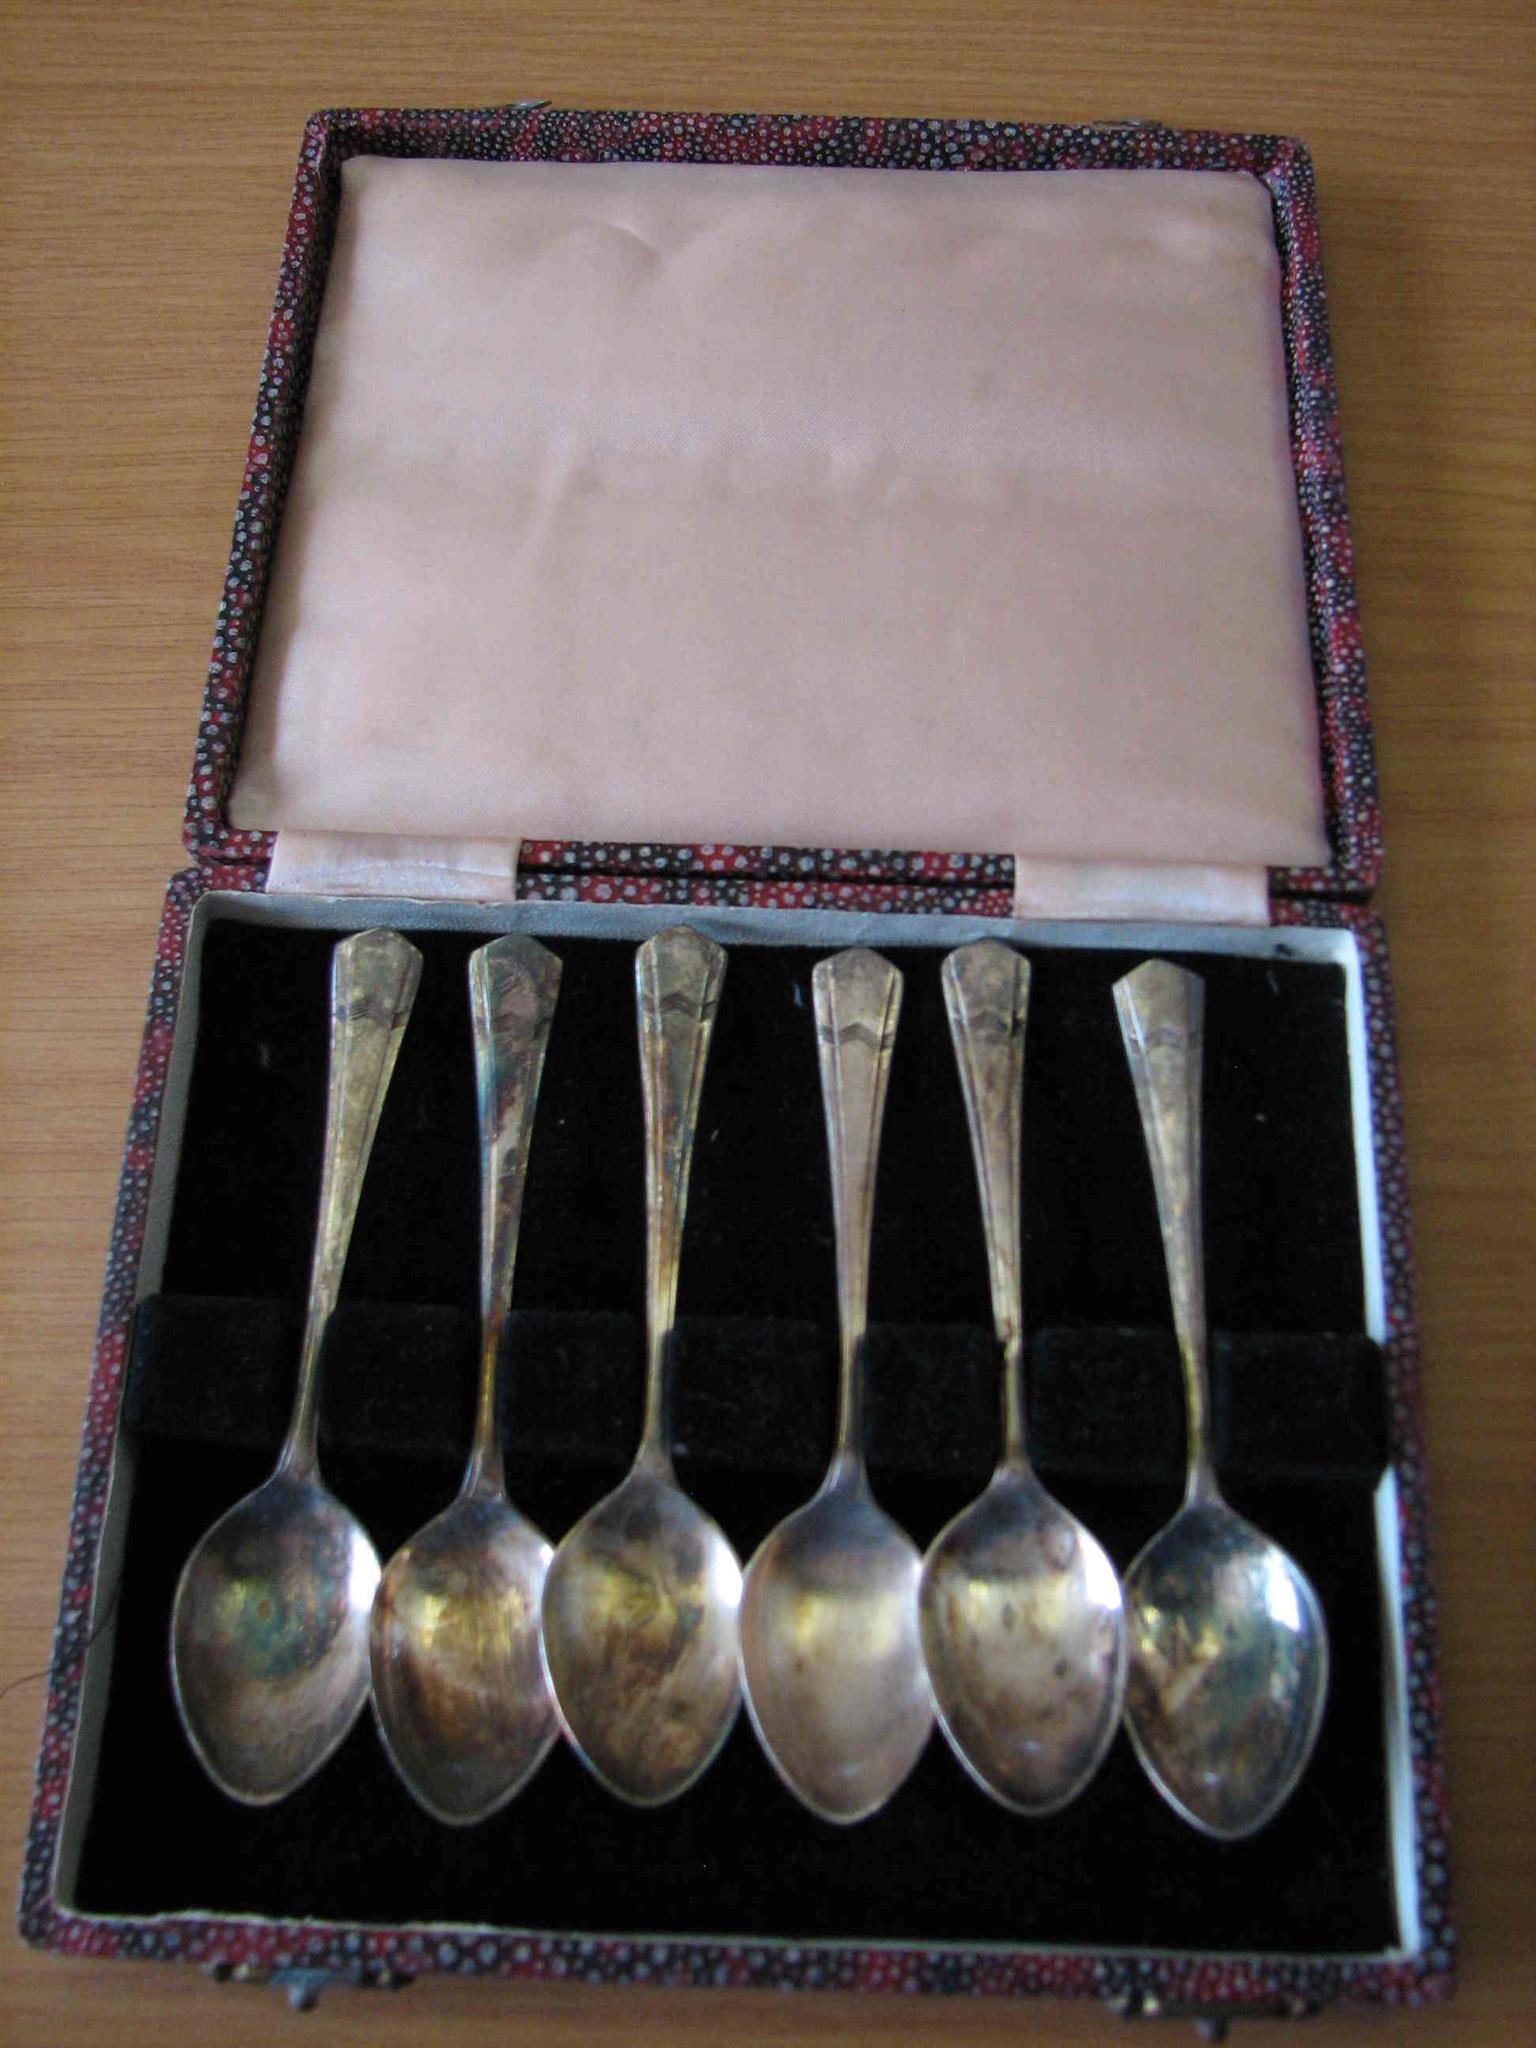 6 Antique teaspoons in original box